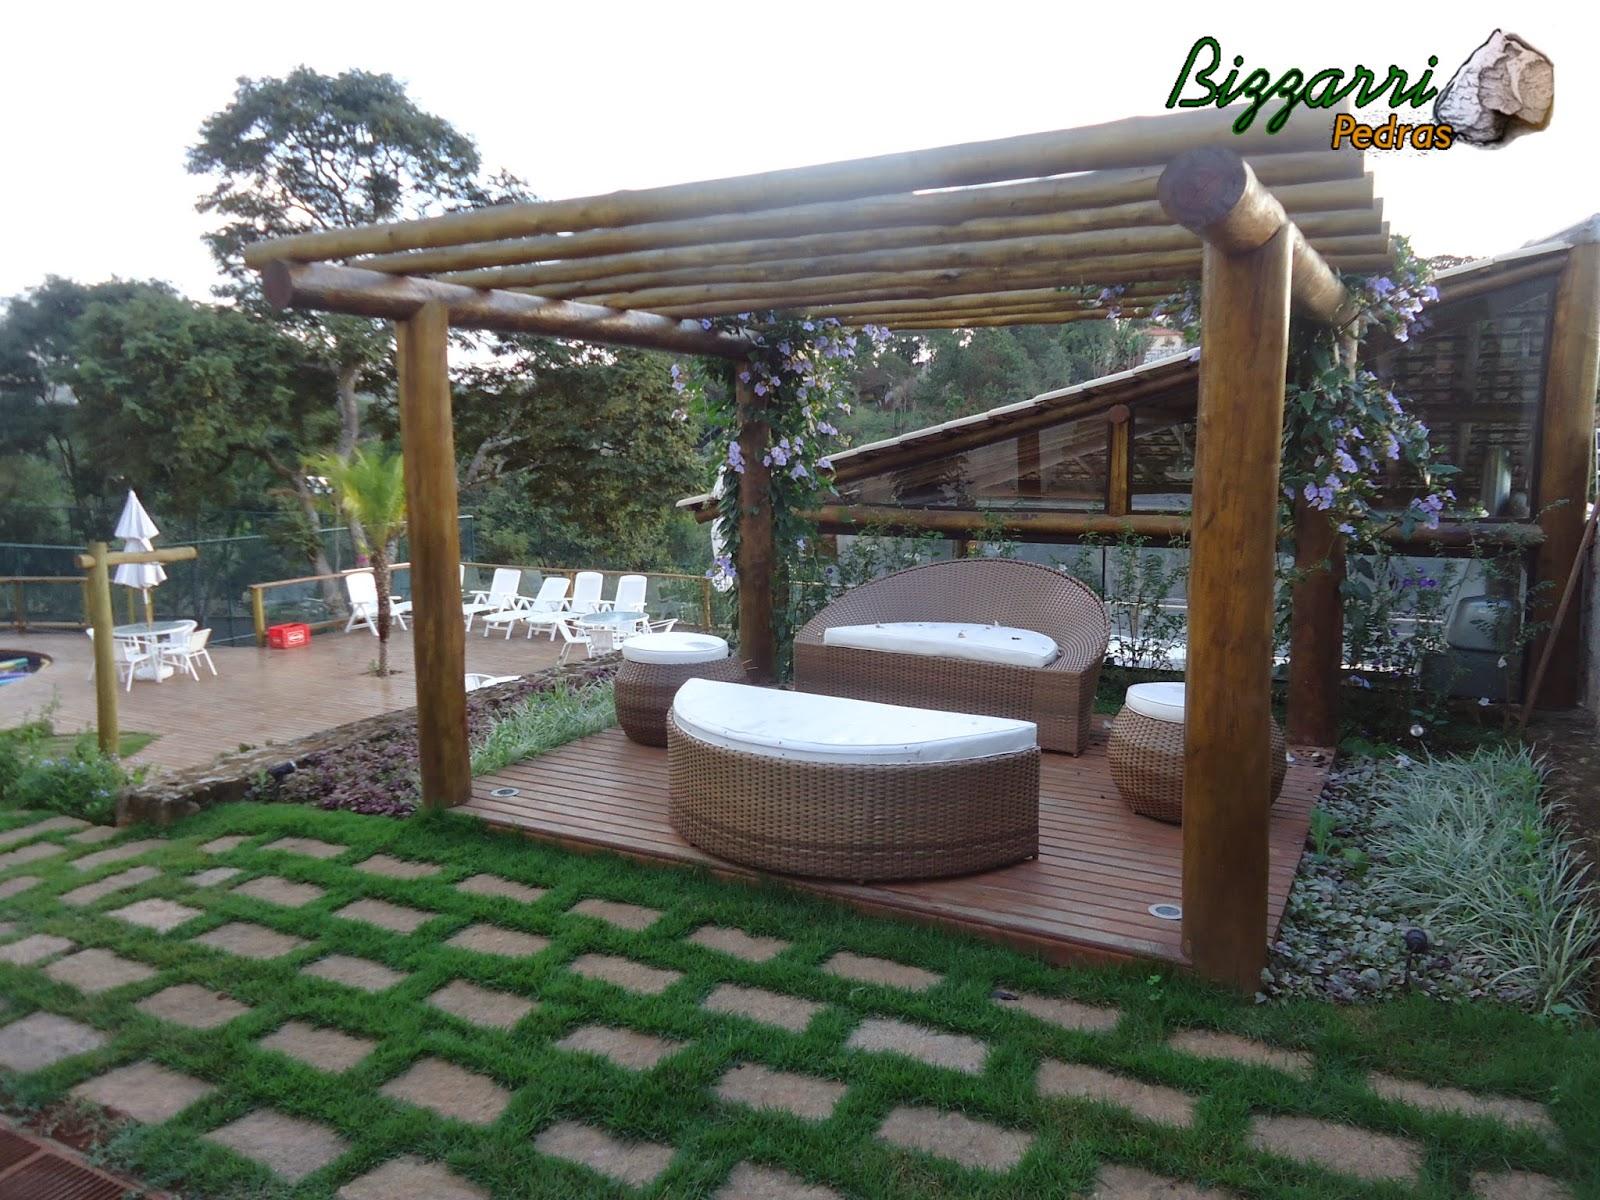 Calçamento de pedra folheta com junta de grama esmeralda em frente ao pergolado de madeira de eucalipto tratado.